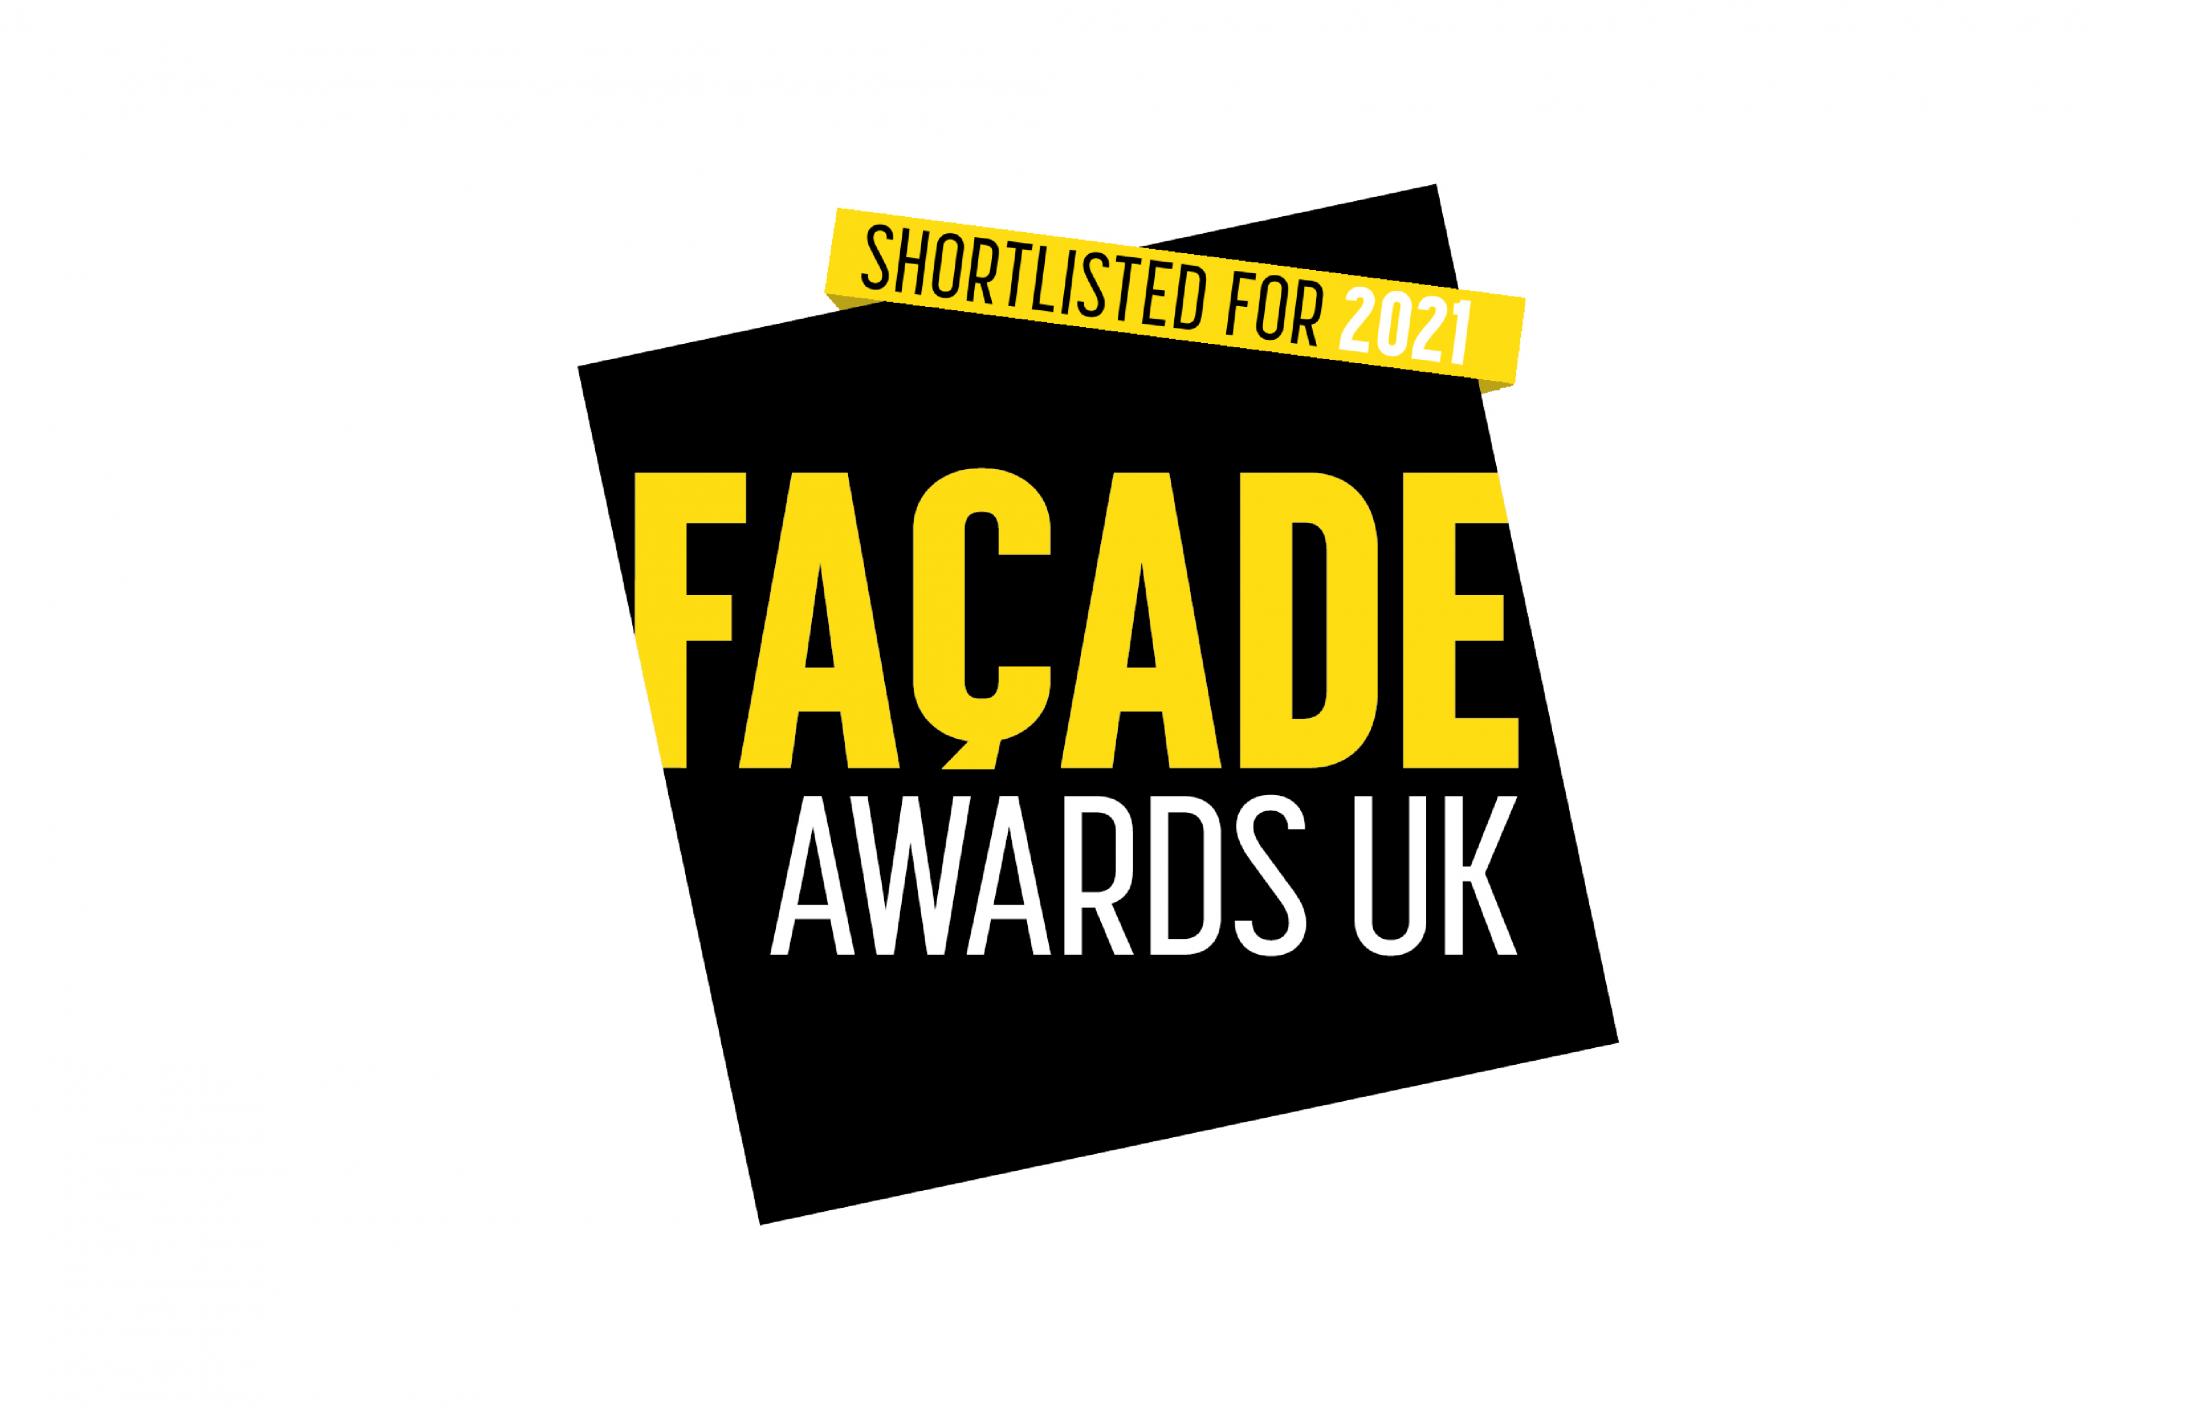 Facade Award